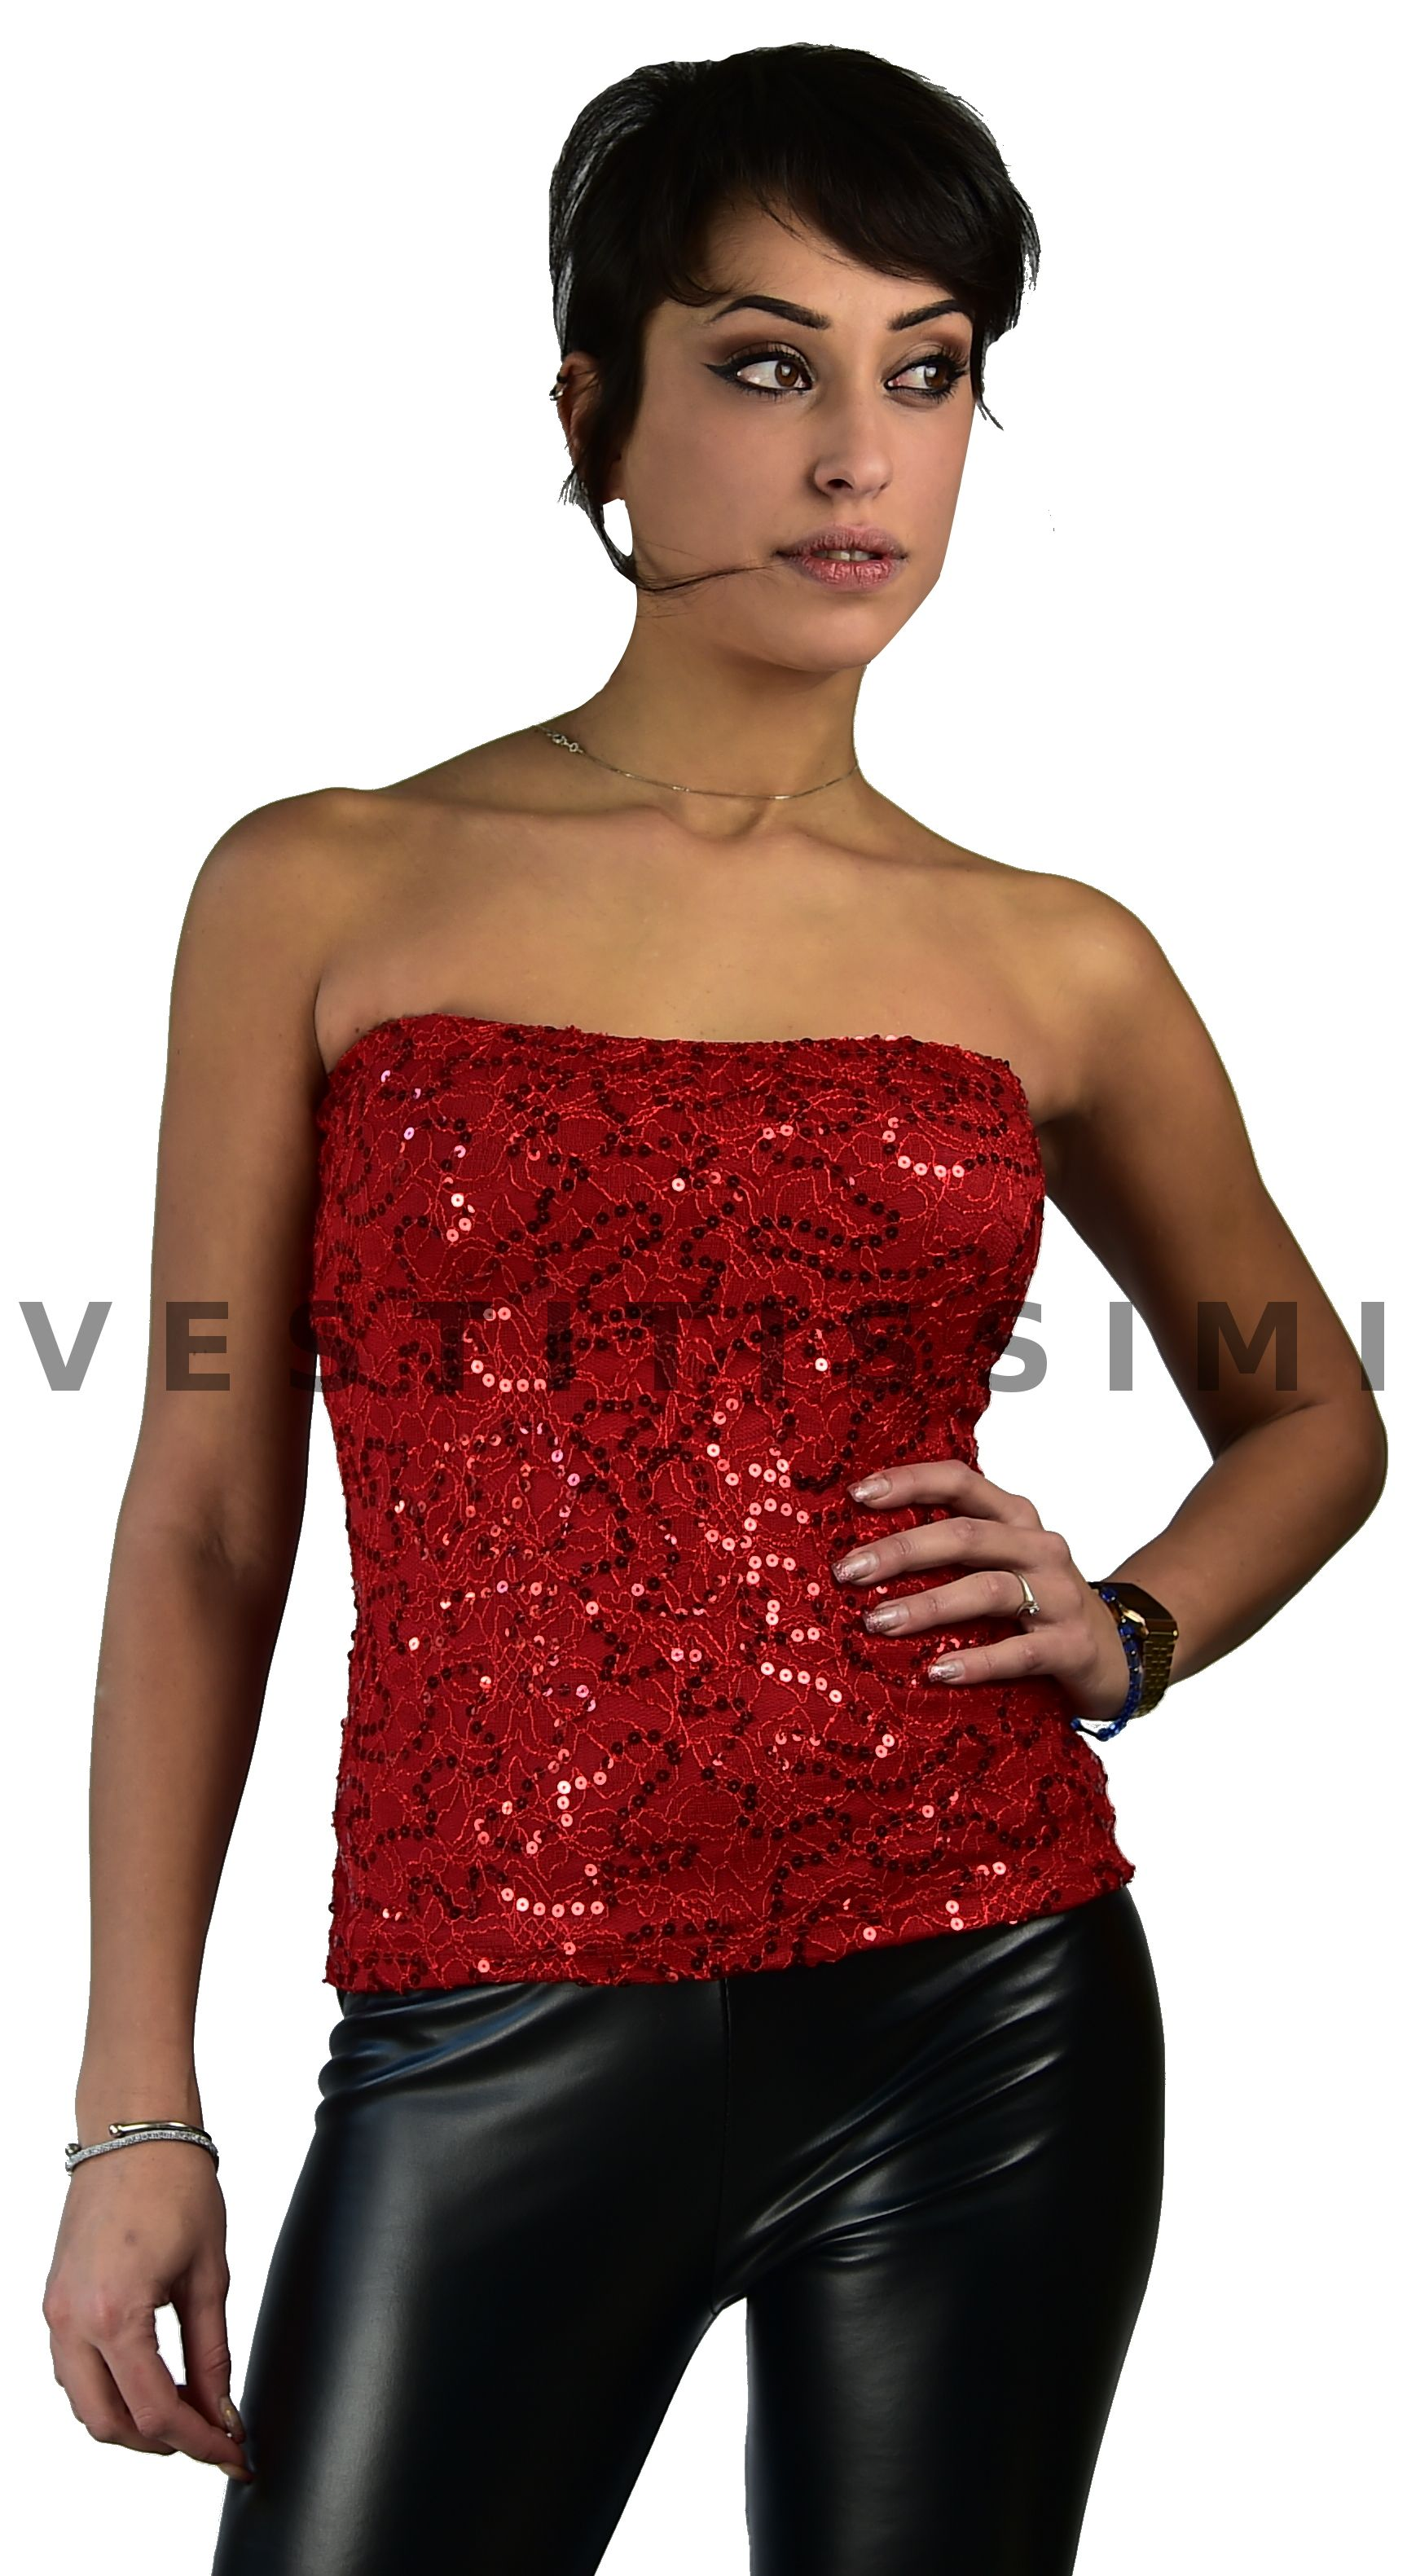 590b0e9868a3 Top donna a fascia con strass. Toppino donna corto con scollatura bandeau e  coppe aderente